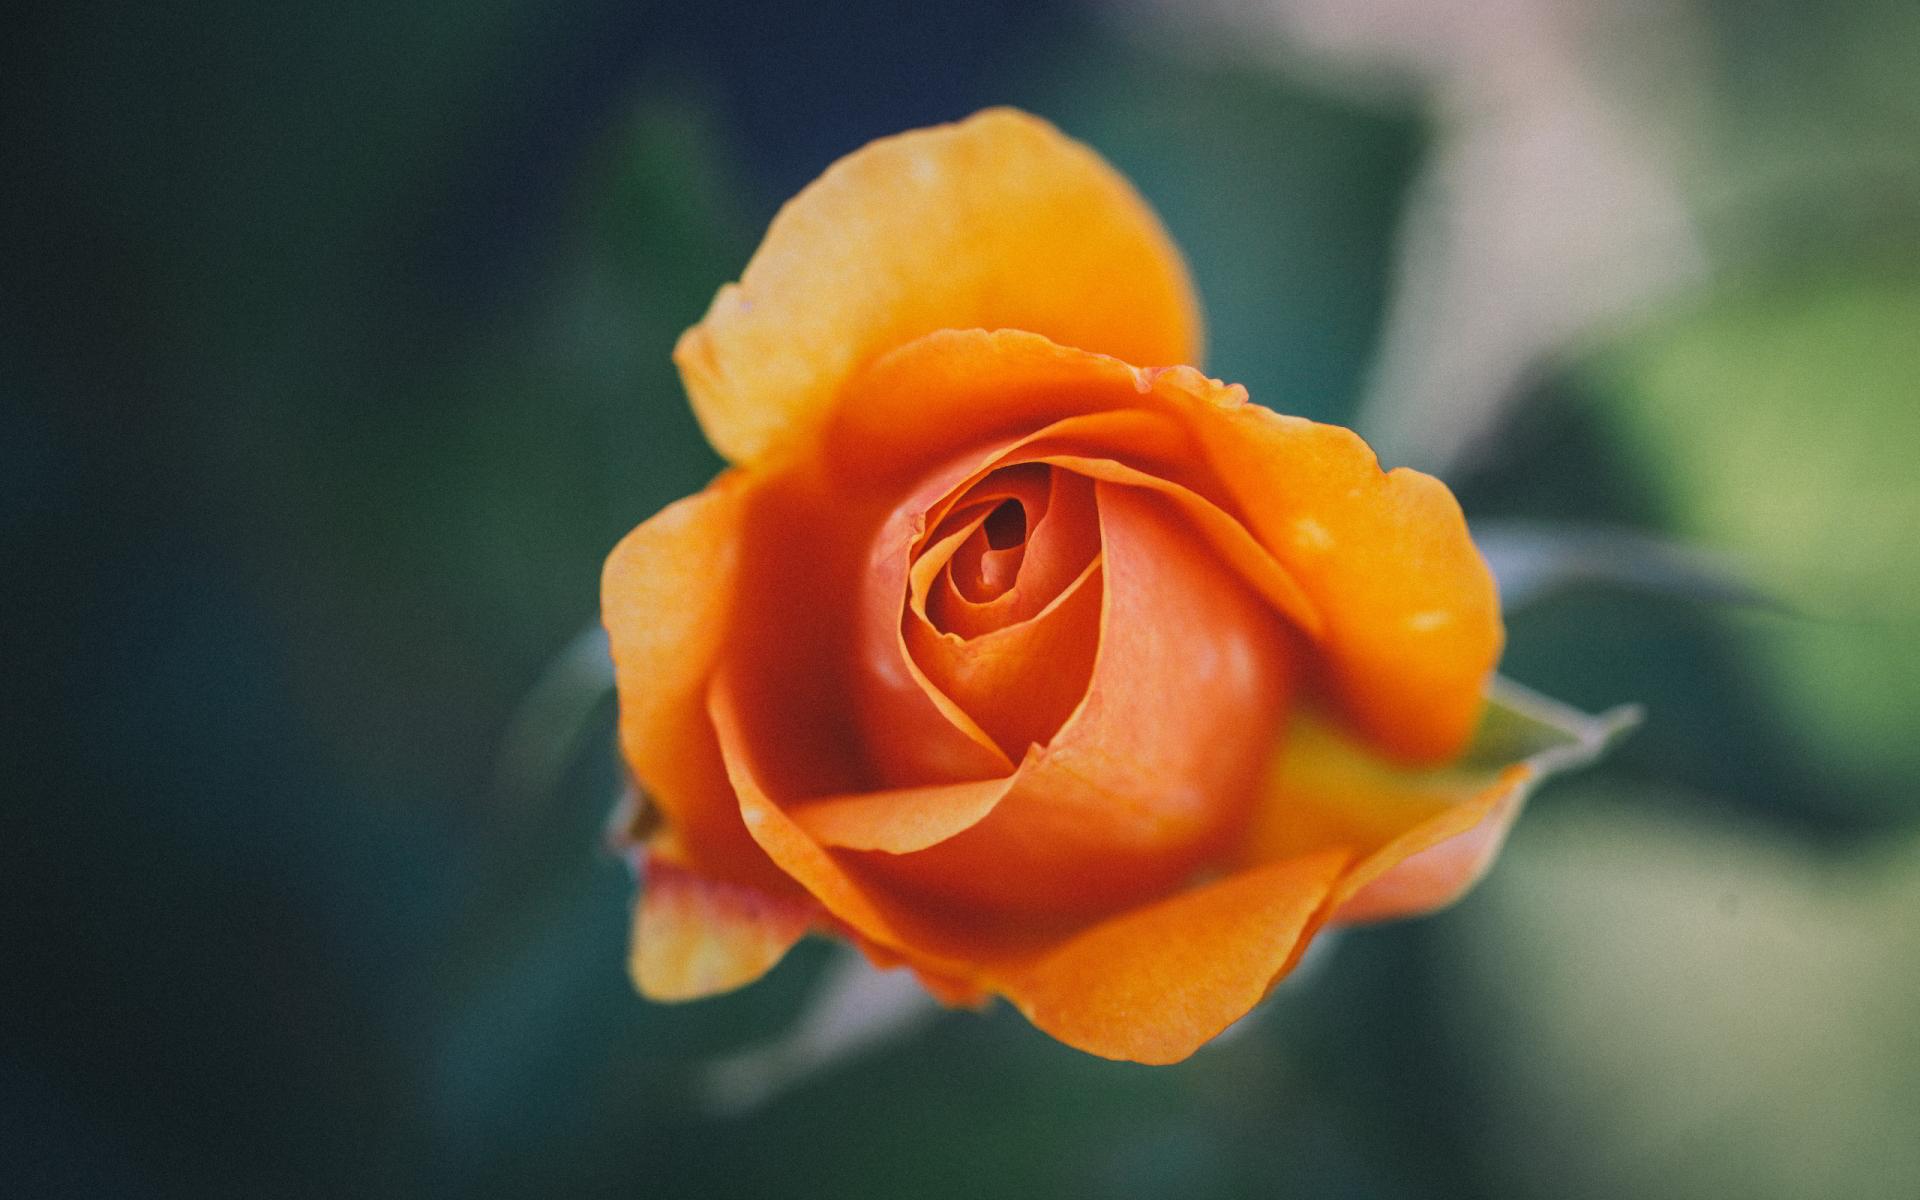 orange rose wallpaper